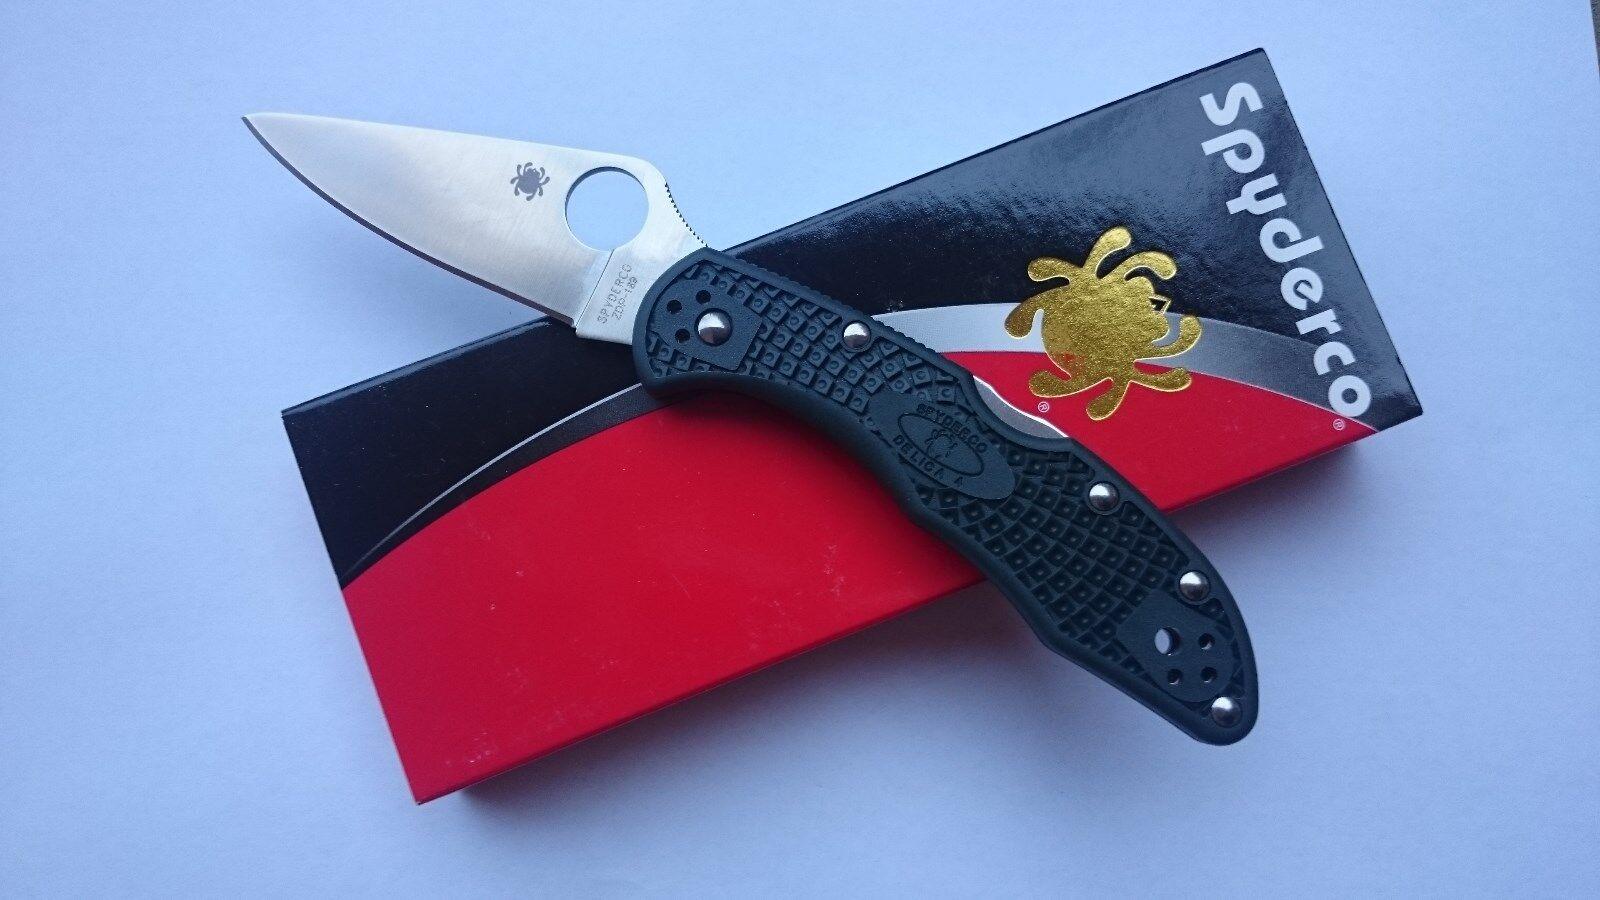 SPYDERCO DELICA 4  Lightweight Taschenmesser Klappmesser ZDP-189 Stahl Japan